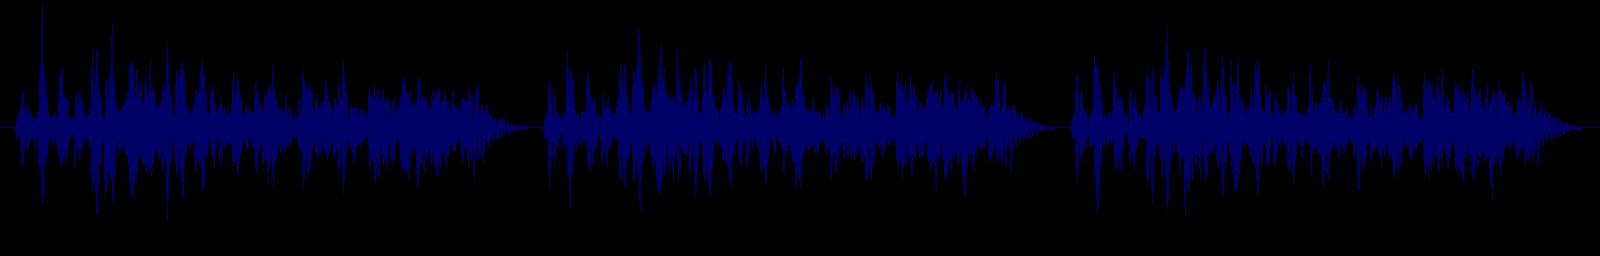 waveform of track #140830